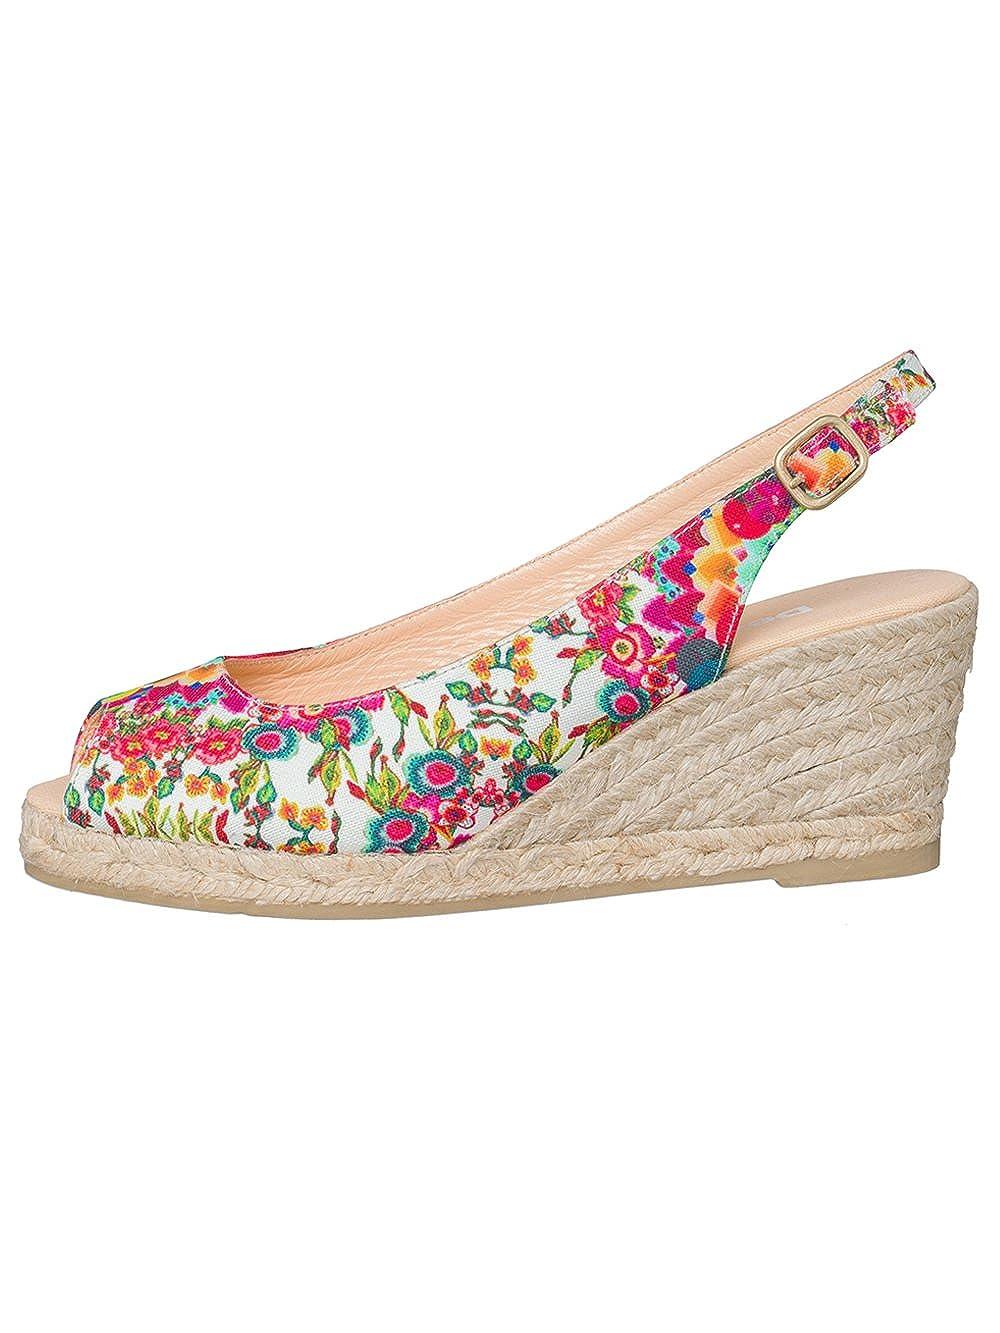 a329c33e3a9d4c Desigual Donna Designer Peeptoe Scarpe - Lili - Nuova Collezione -40:  Amazon.it: Scarpe e borse